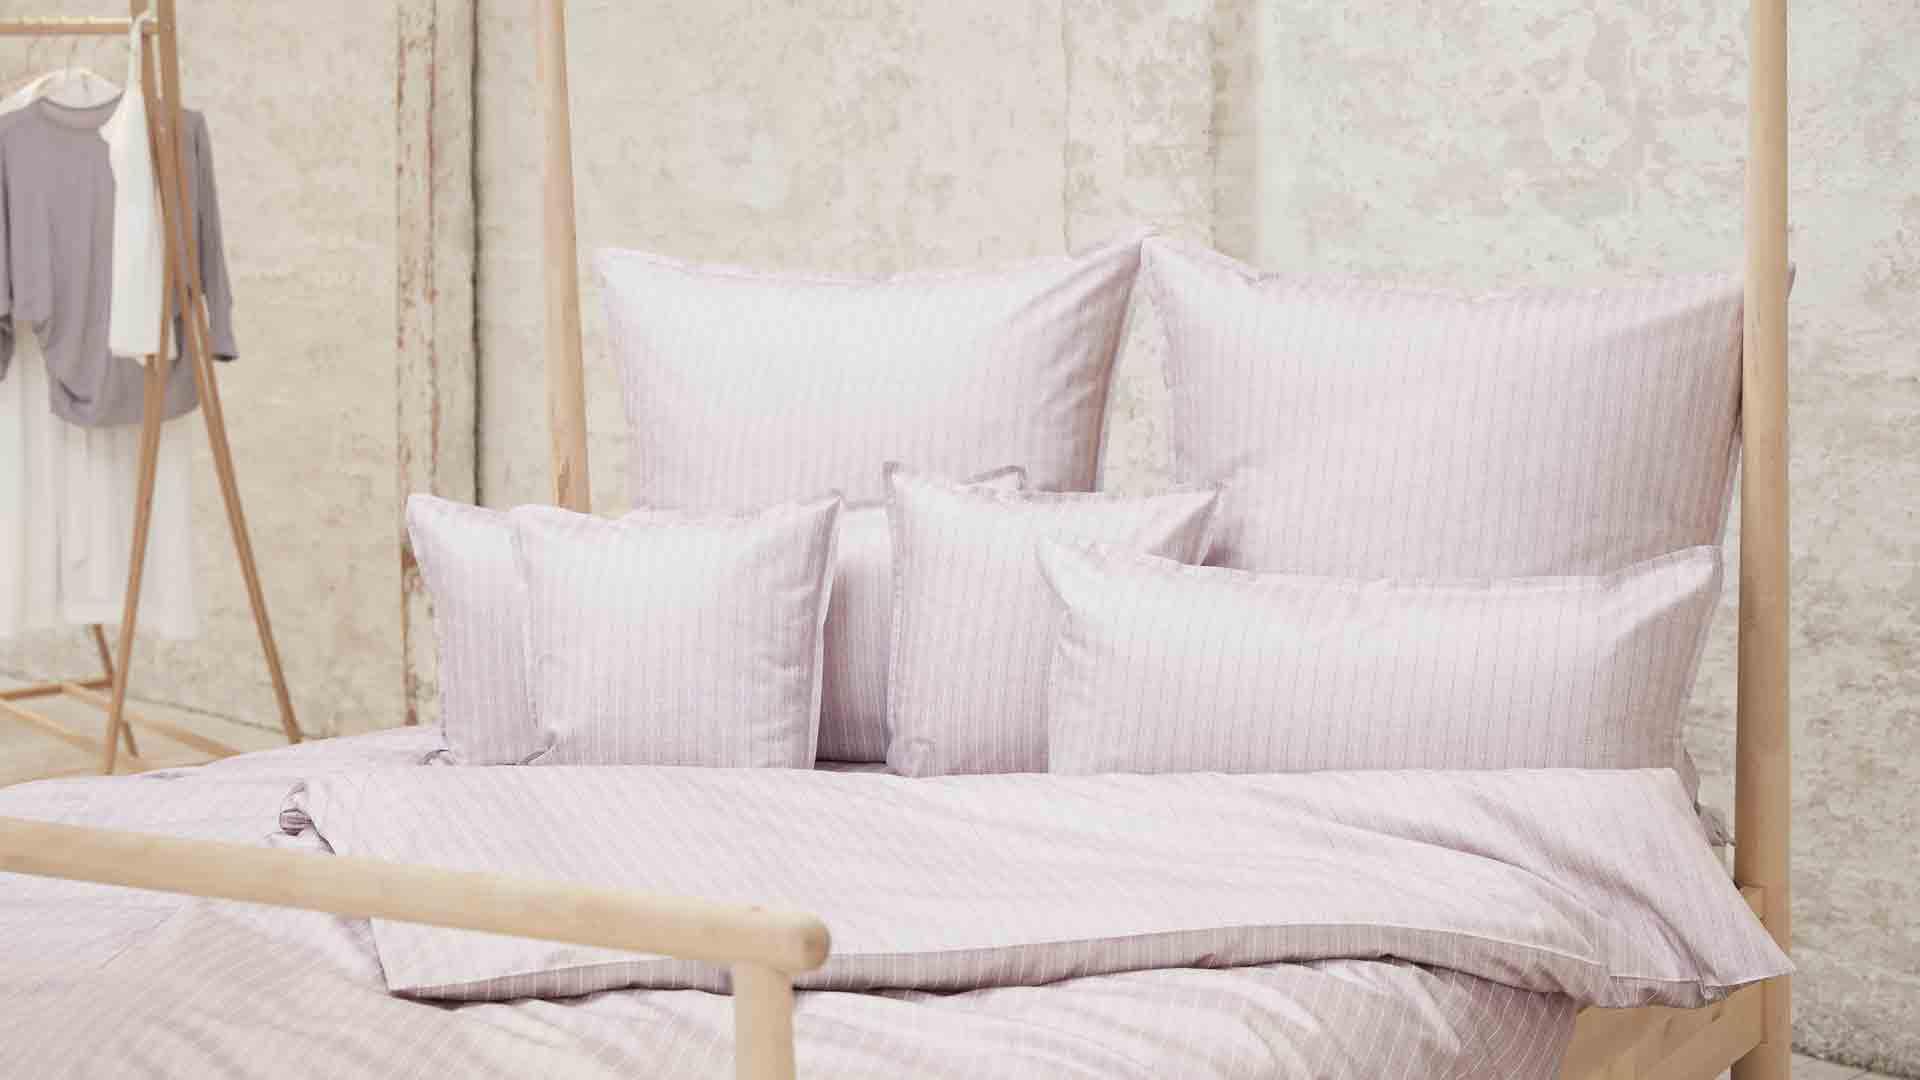 betten hoenscheidt matratzen bettwaesche23 betten h nscheidt. Black Bedroom Furniture Sets. Home Design Ideas